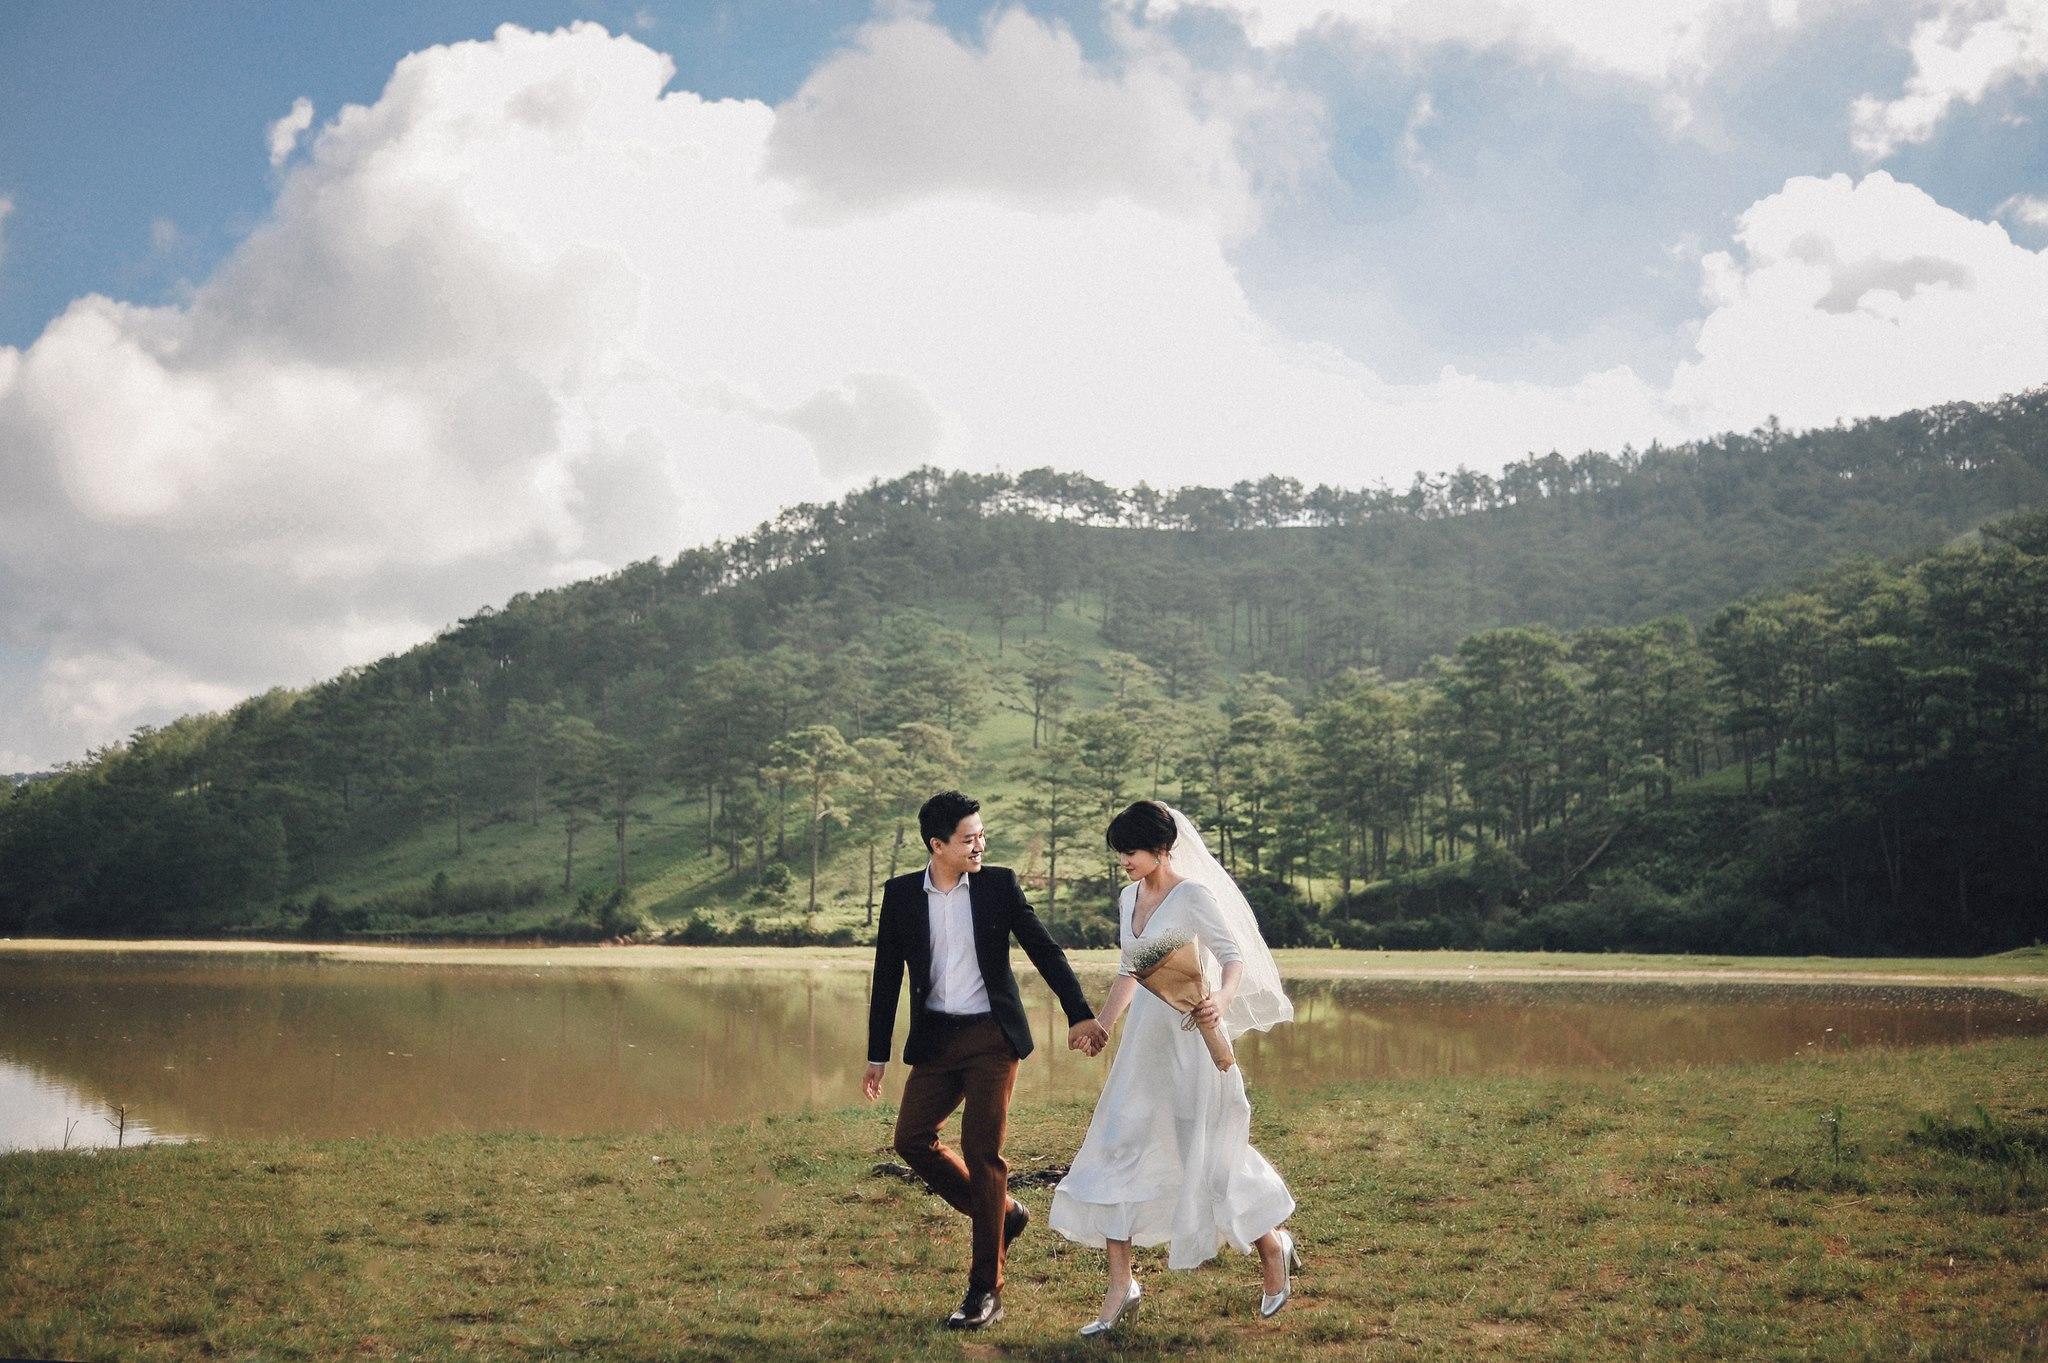 Trọn bộ ảnh cưới giản dị nhưng ngập tràn hạnh phúc của MC Trần Ngọc và 9x xinh đẹp - Ảnh 2.